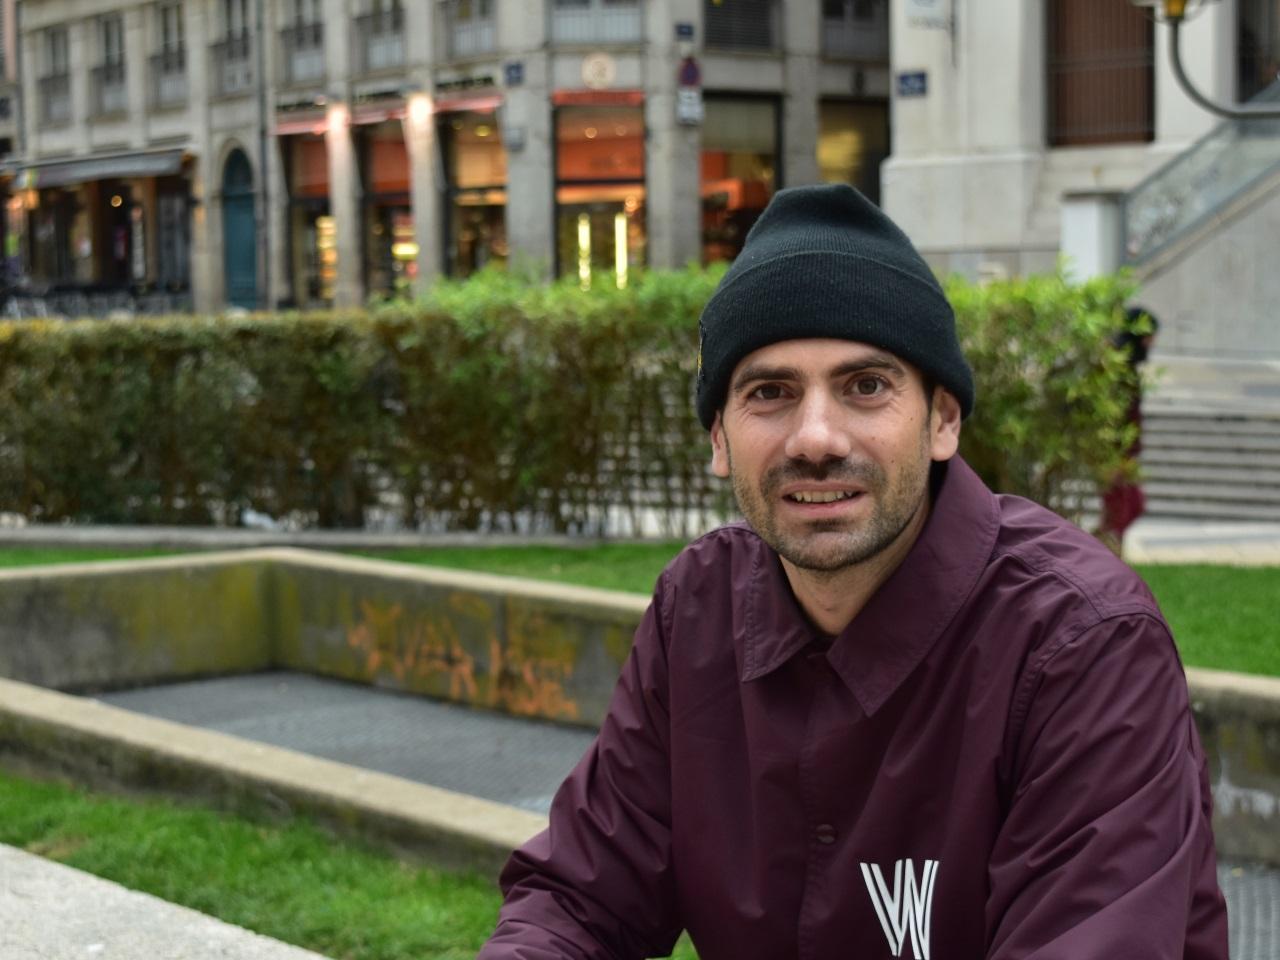 JB Gillet skateur professionnel - LyonMag